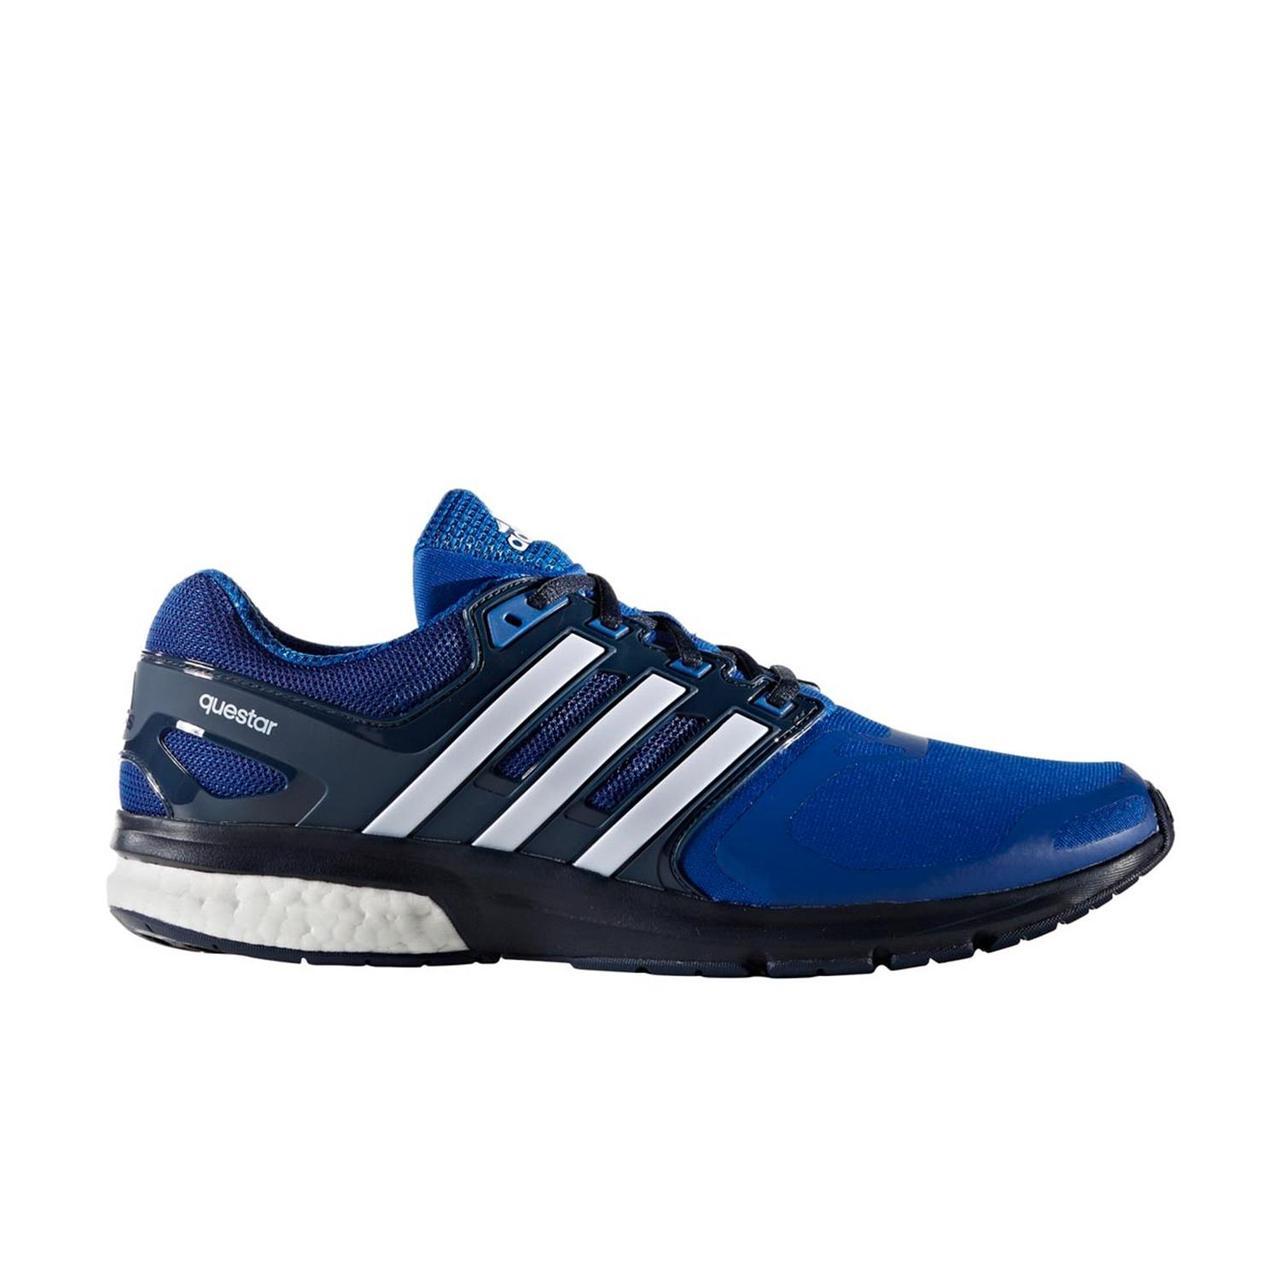 Кроссовки Adidas Questar M S76732